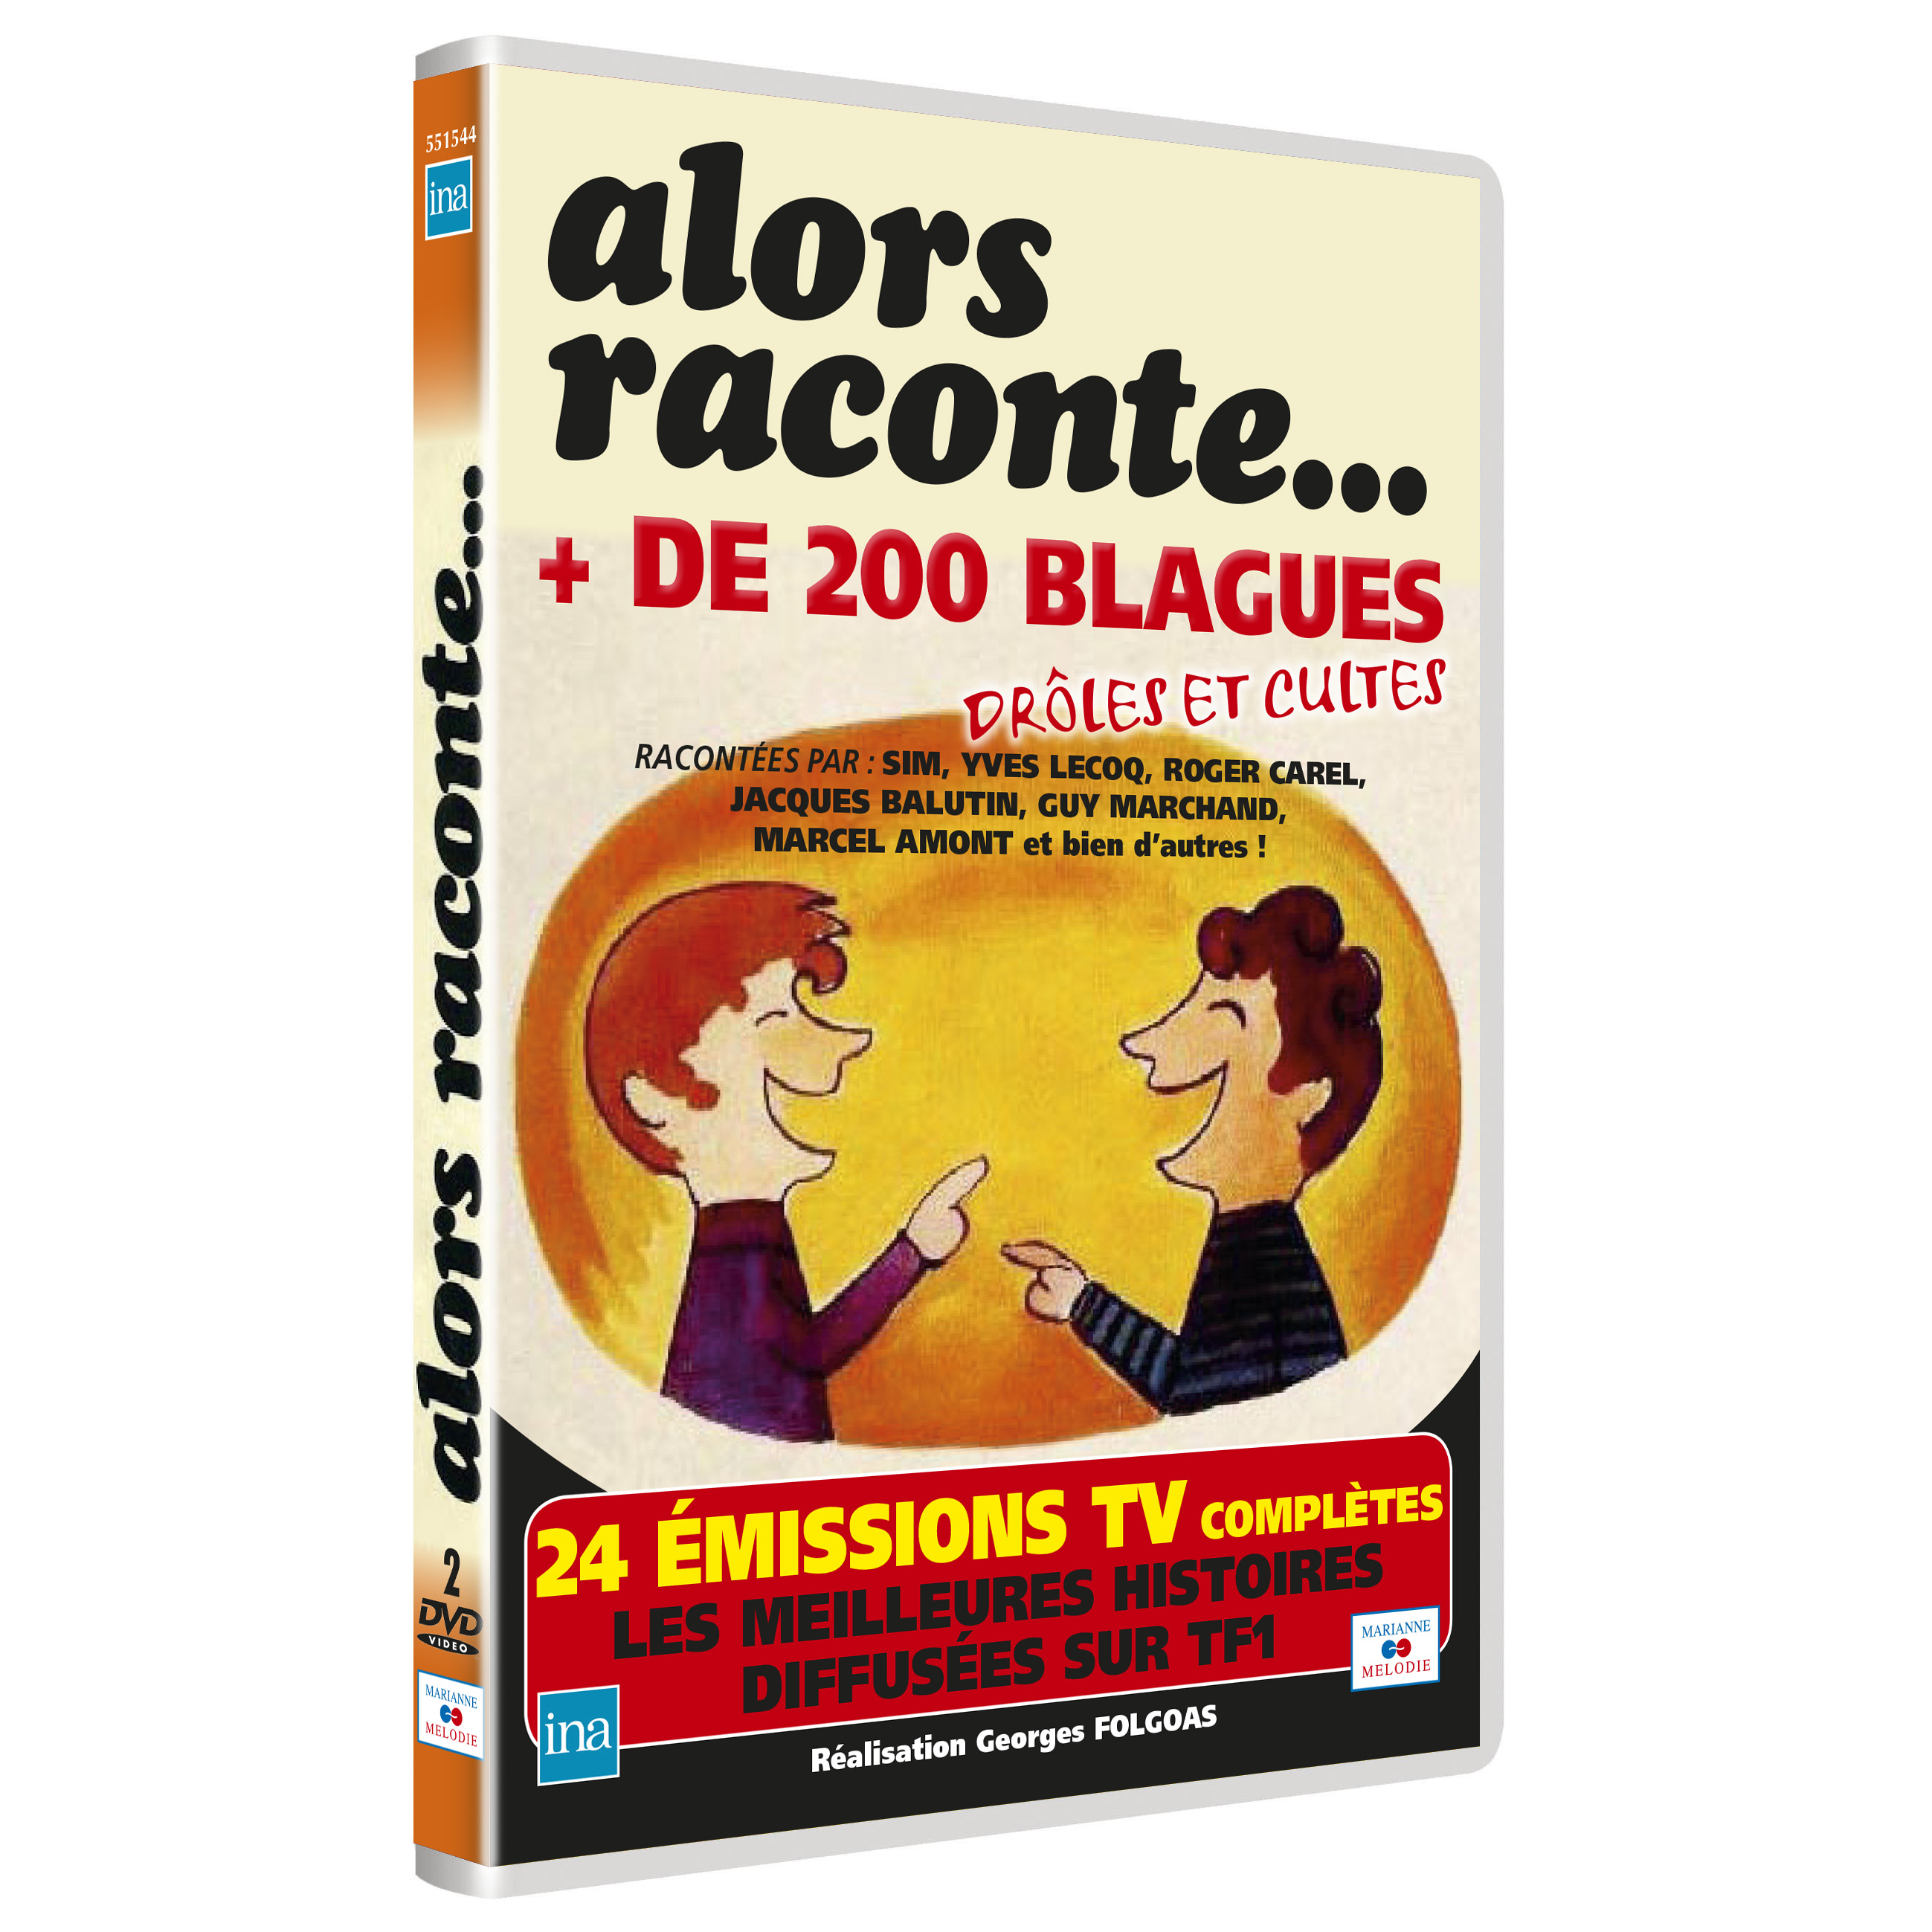 ALORS RACONTE PLUS DE 200 BLAGUES - 2 DVD